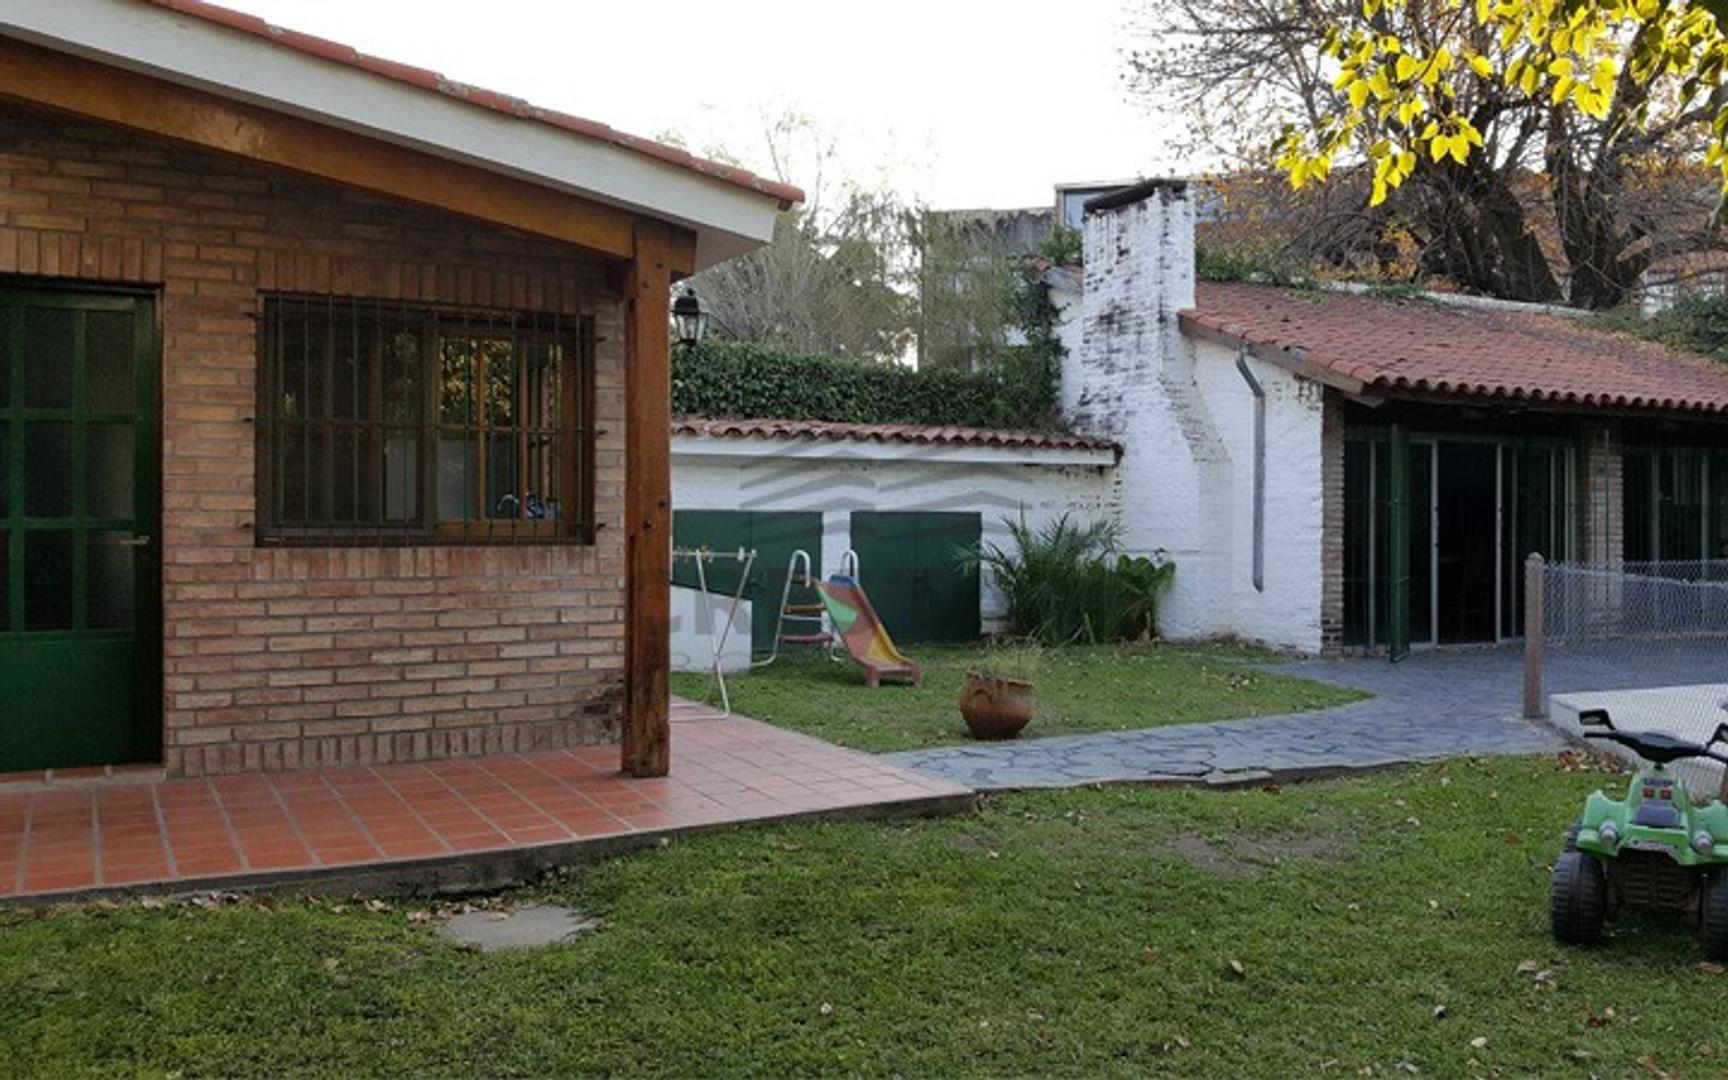 Wide y Bv. Argentino - Casa 3 dormitorios a la venta